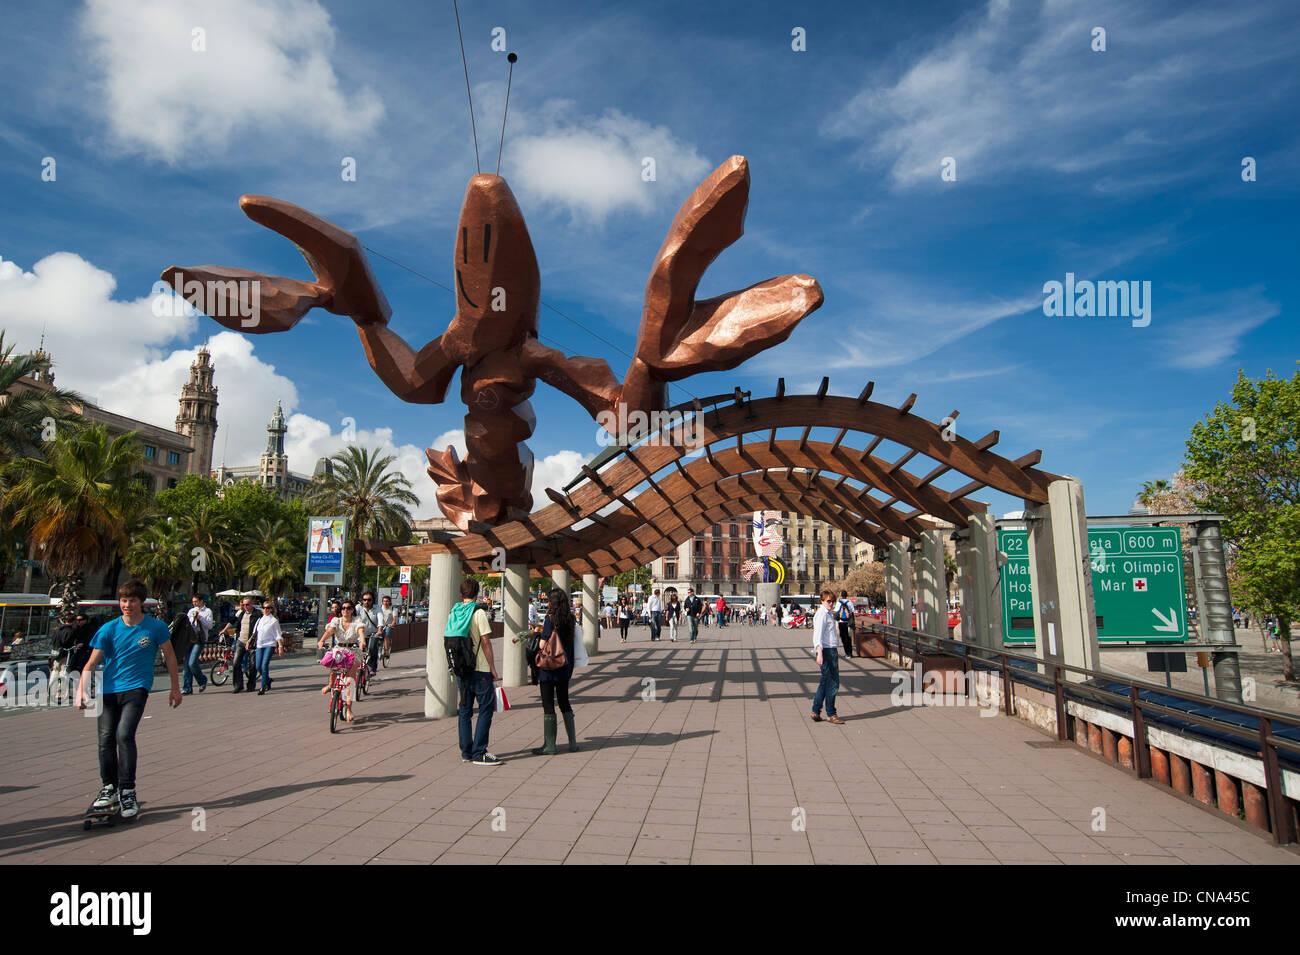 Spain, Catalonia, Barcelona, Ciutat Vella District, Passeig de Colom, La Gamba sculpture (the Shrimp) by designer - Stock Image